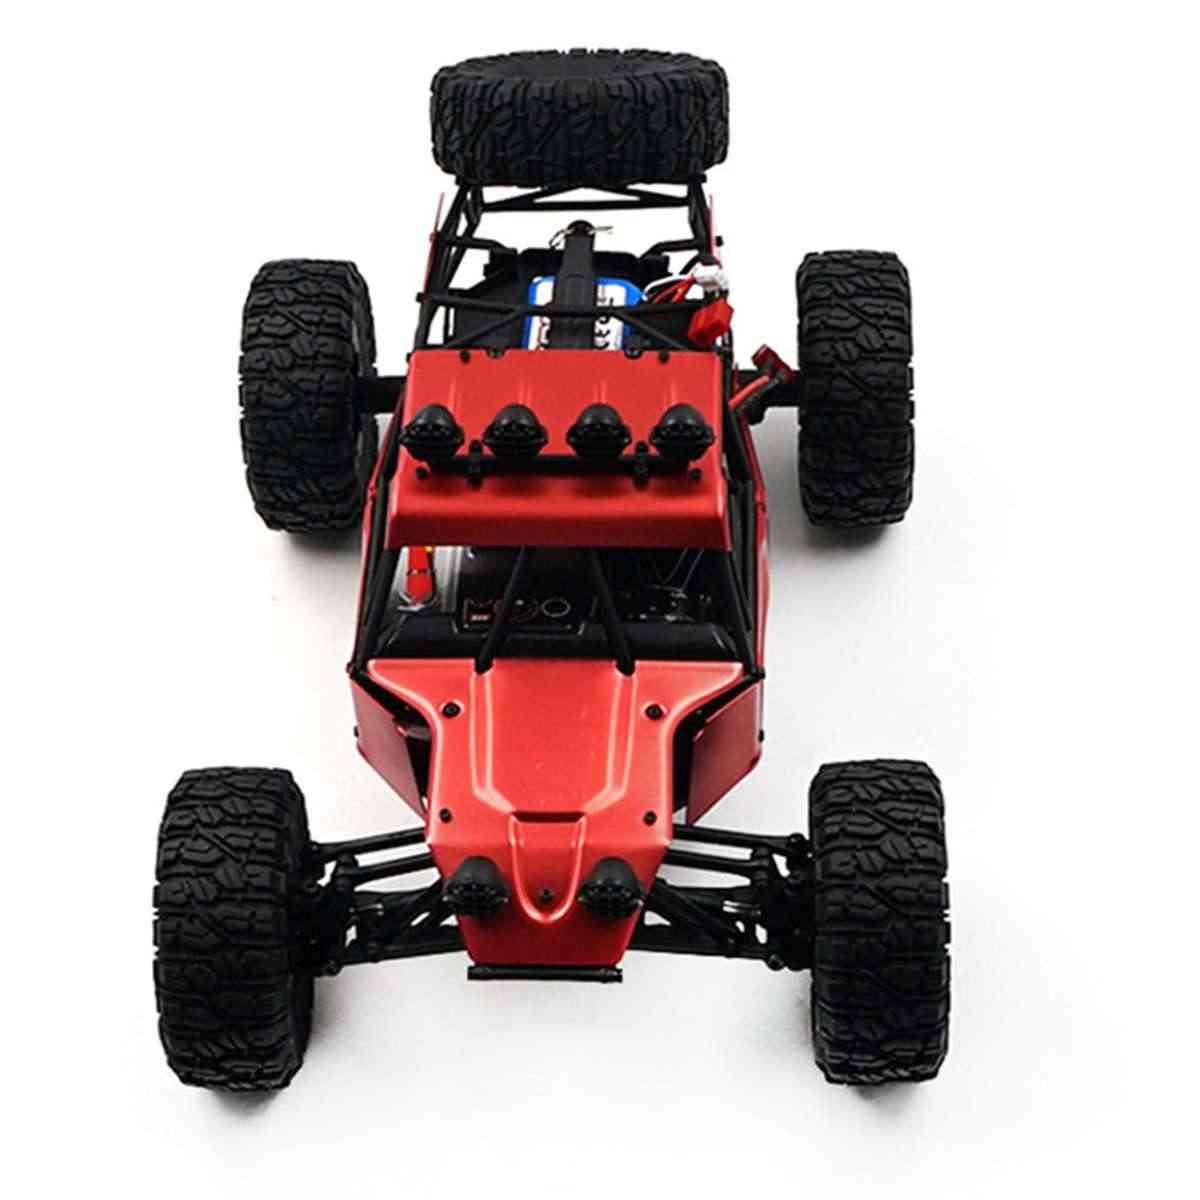 Rcカー 4WD feiyue FY03H 1:12 2.4 2.4ghz機ラジコンカーブラシレスモータクローラオフロード車rtrおもちゃモデル